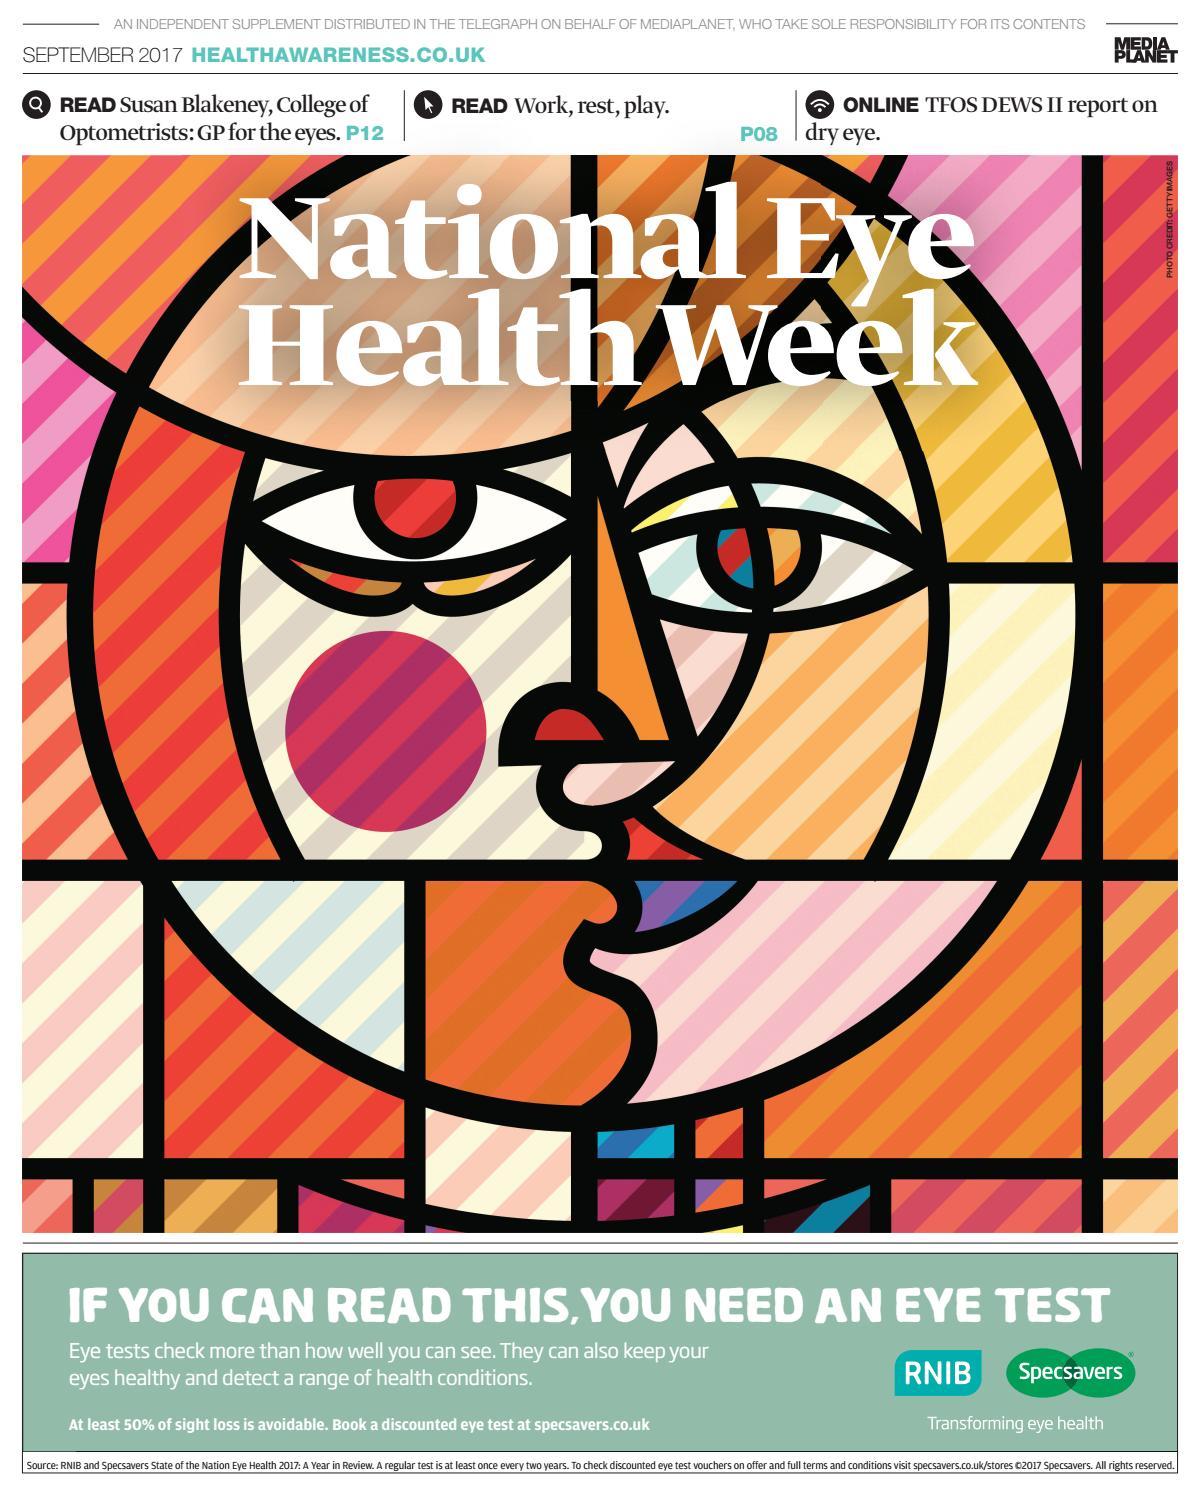 fed3cd2abcc National eye health week 2017 by Mediaplanet UK IE - issuu